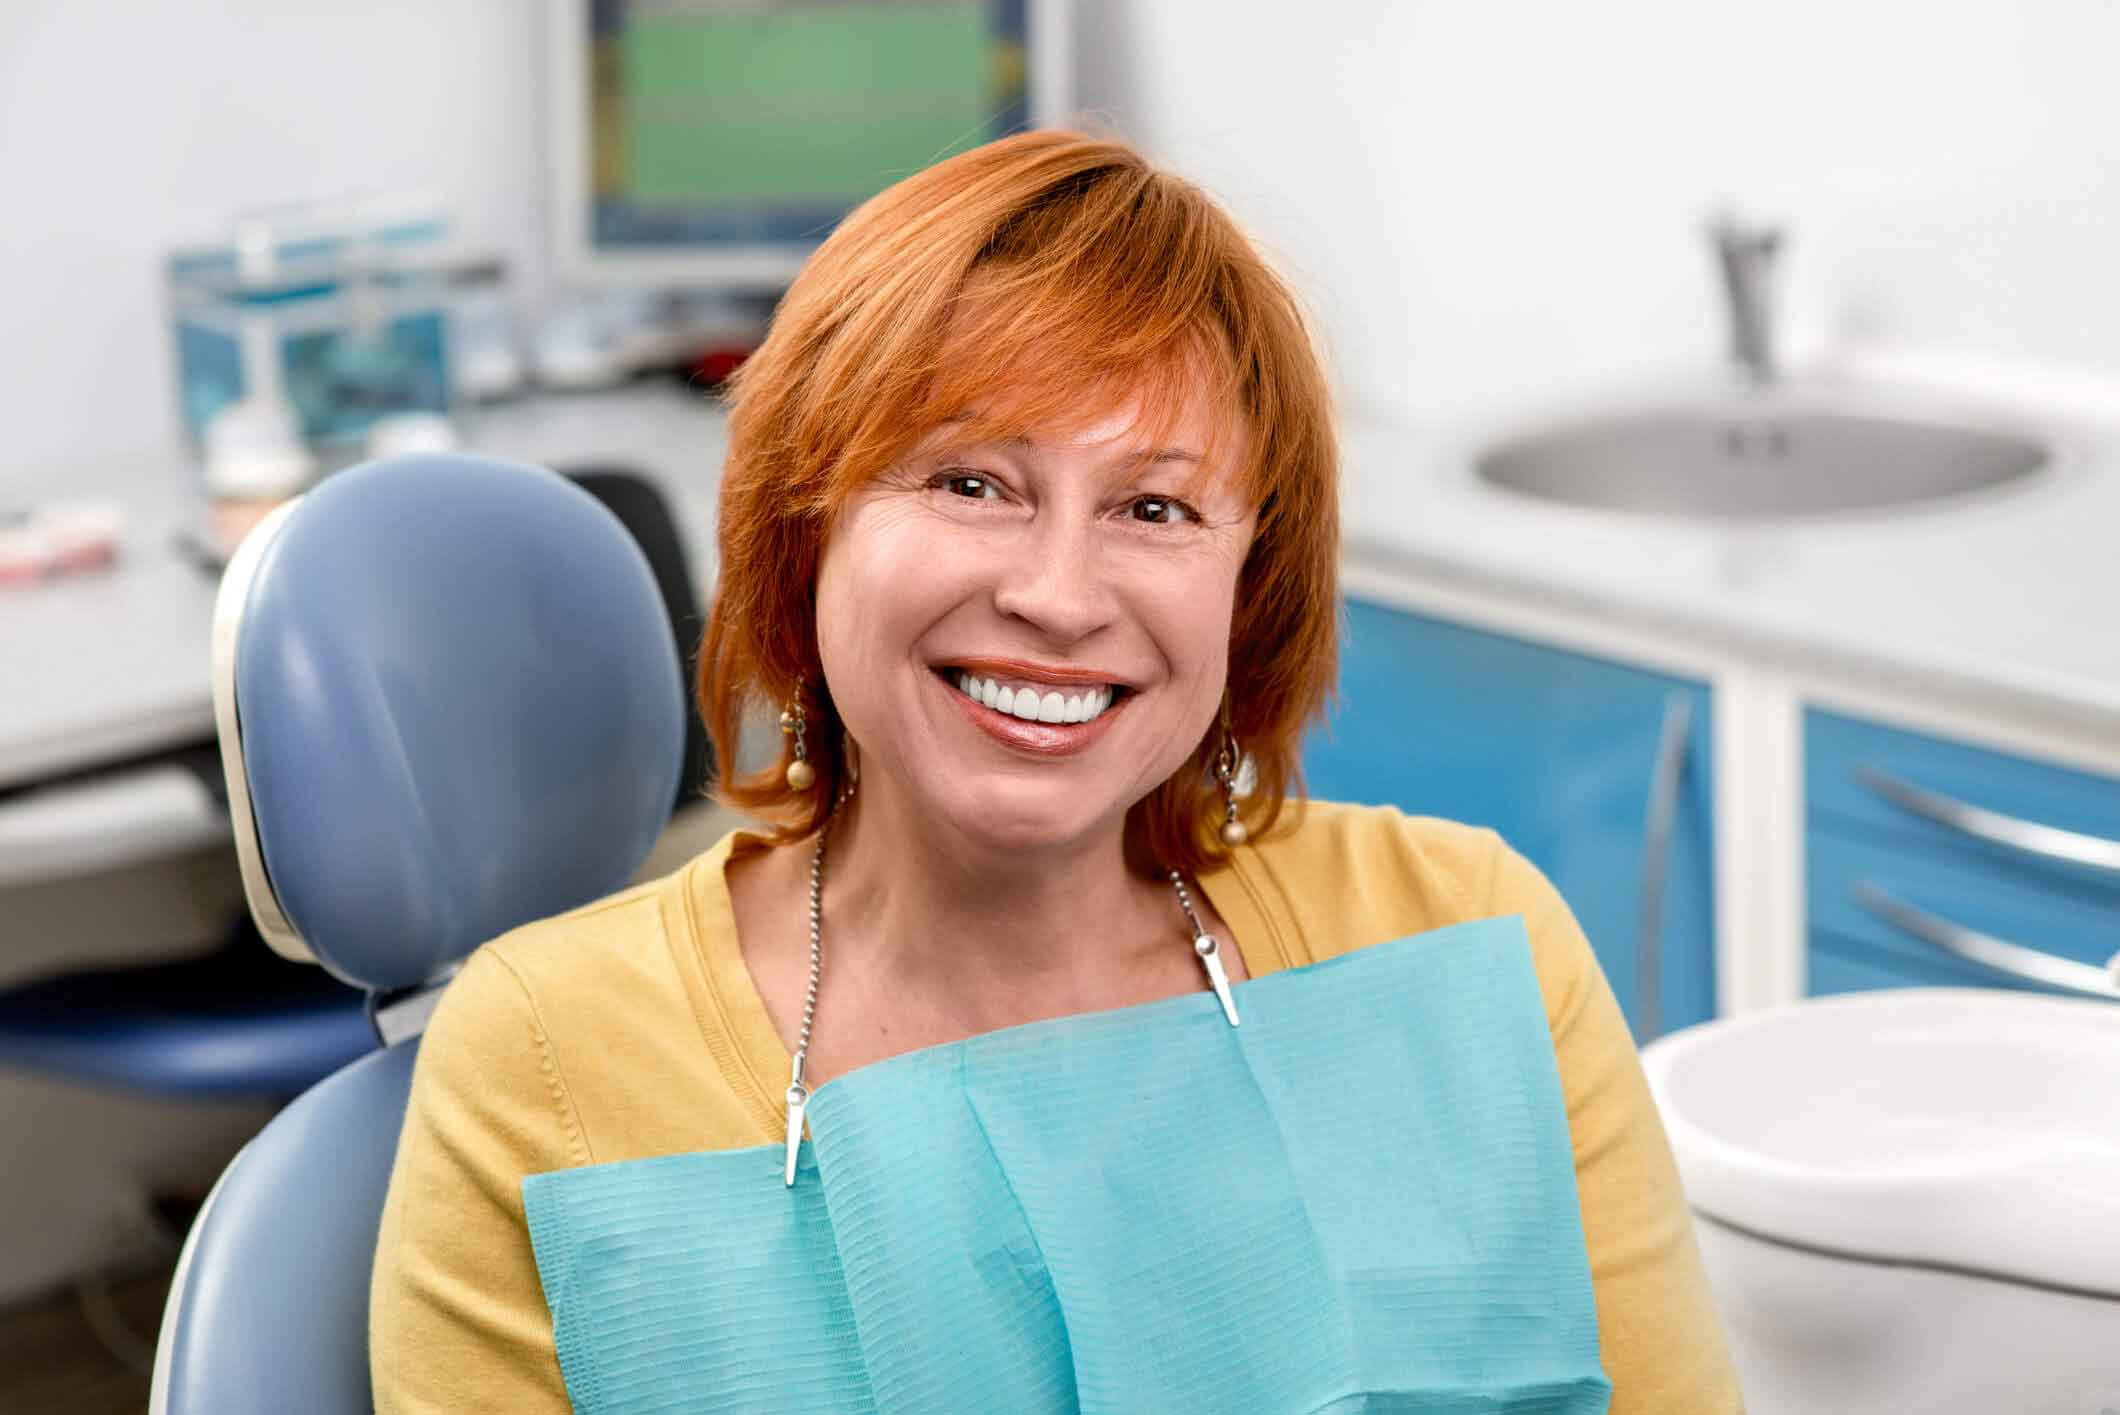 Dental Implants vs. Dentures – Why Should I Choose Implants?